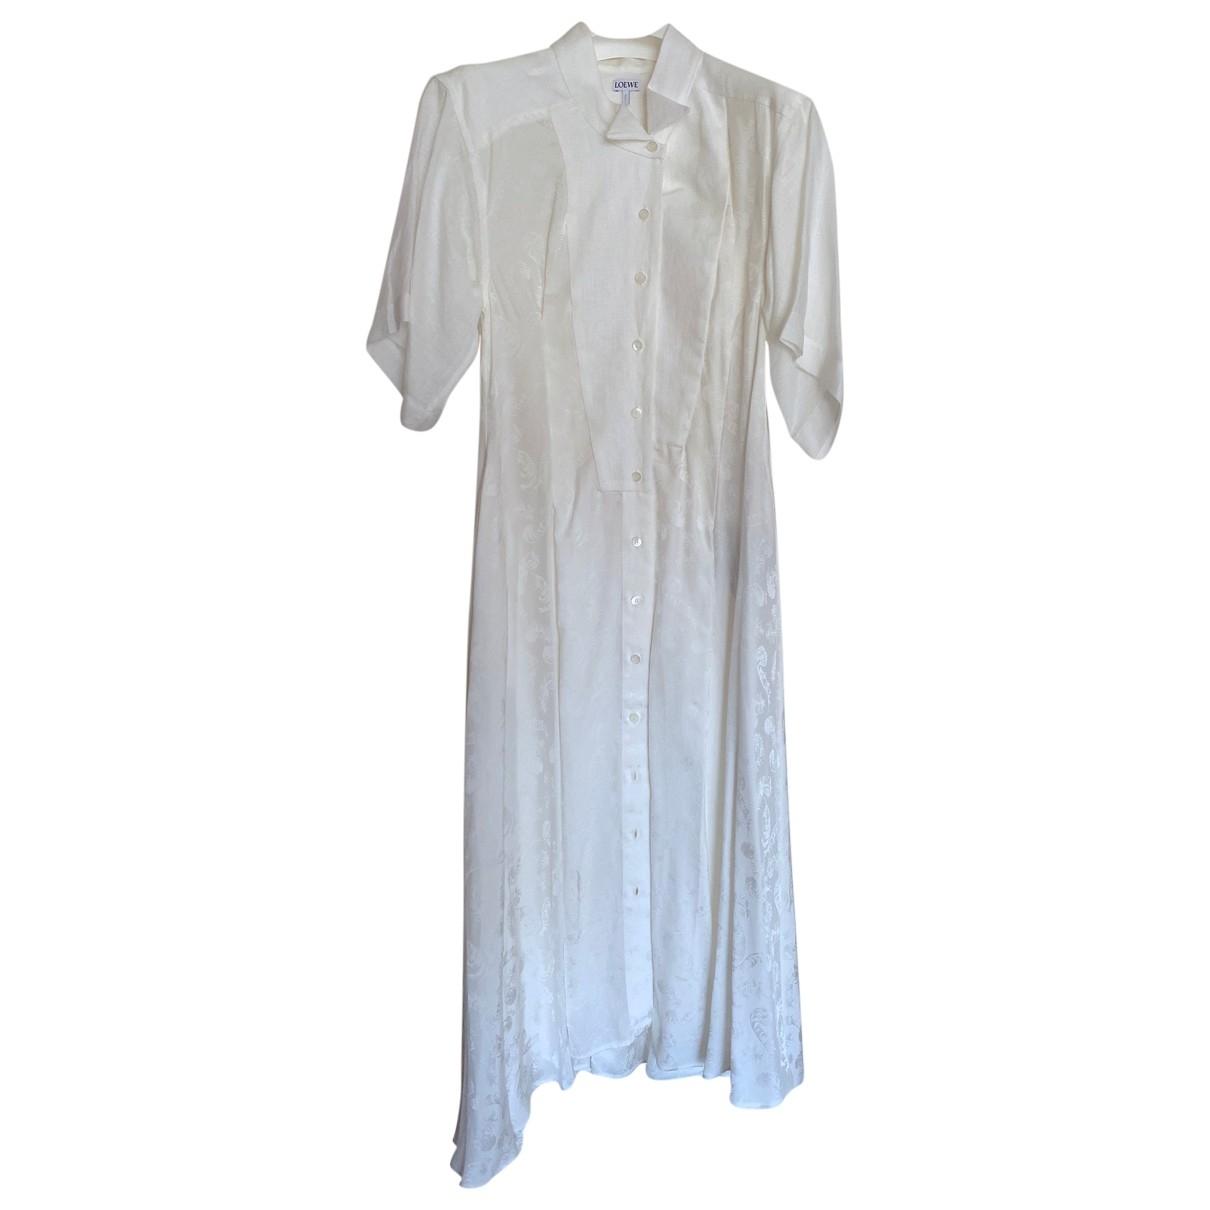 Loewe \N Kleid in  Weiss Viskose